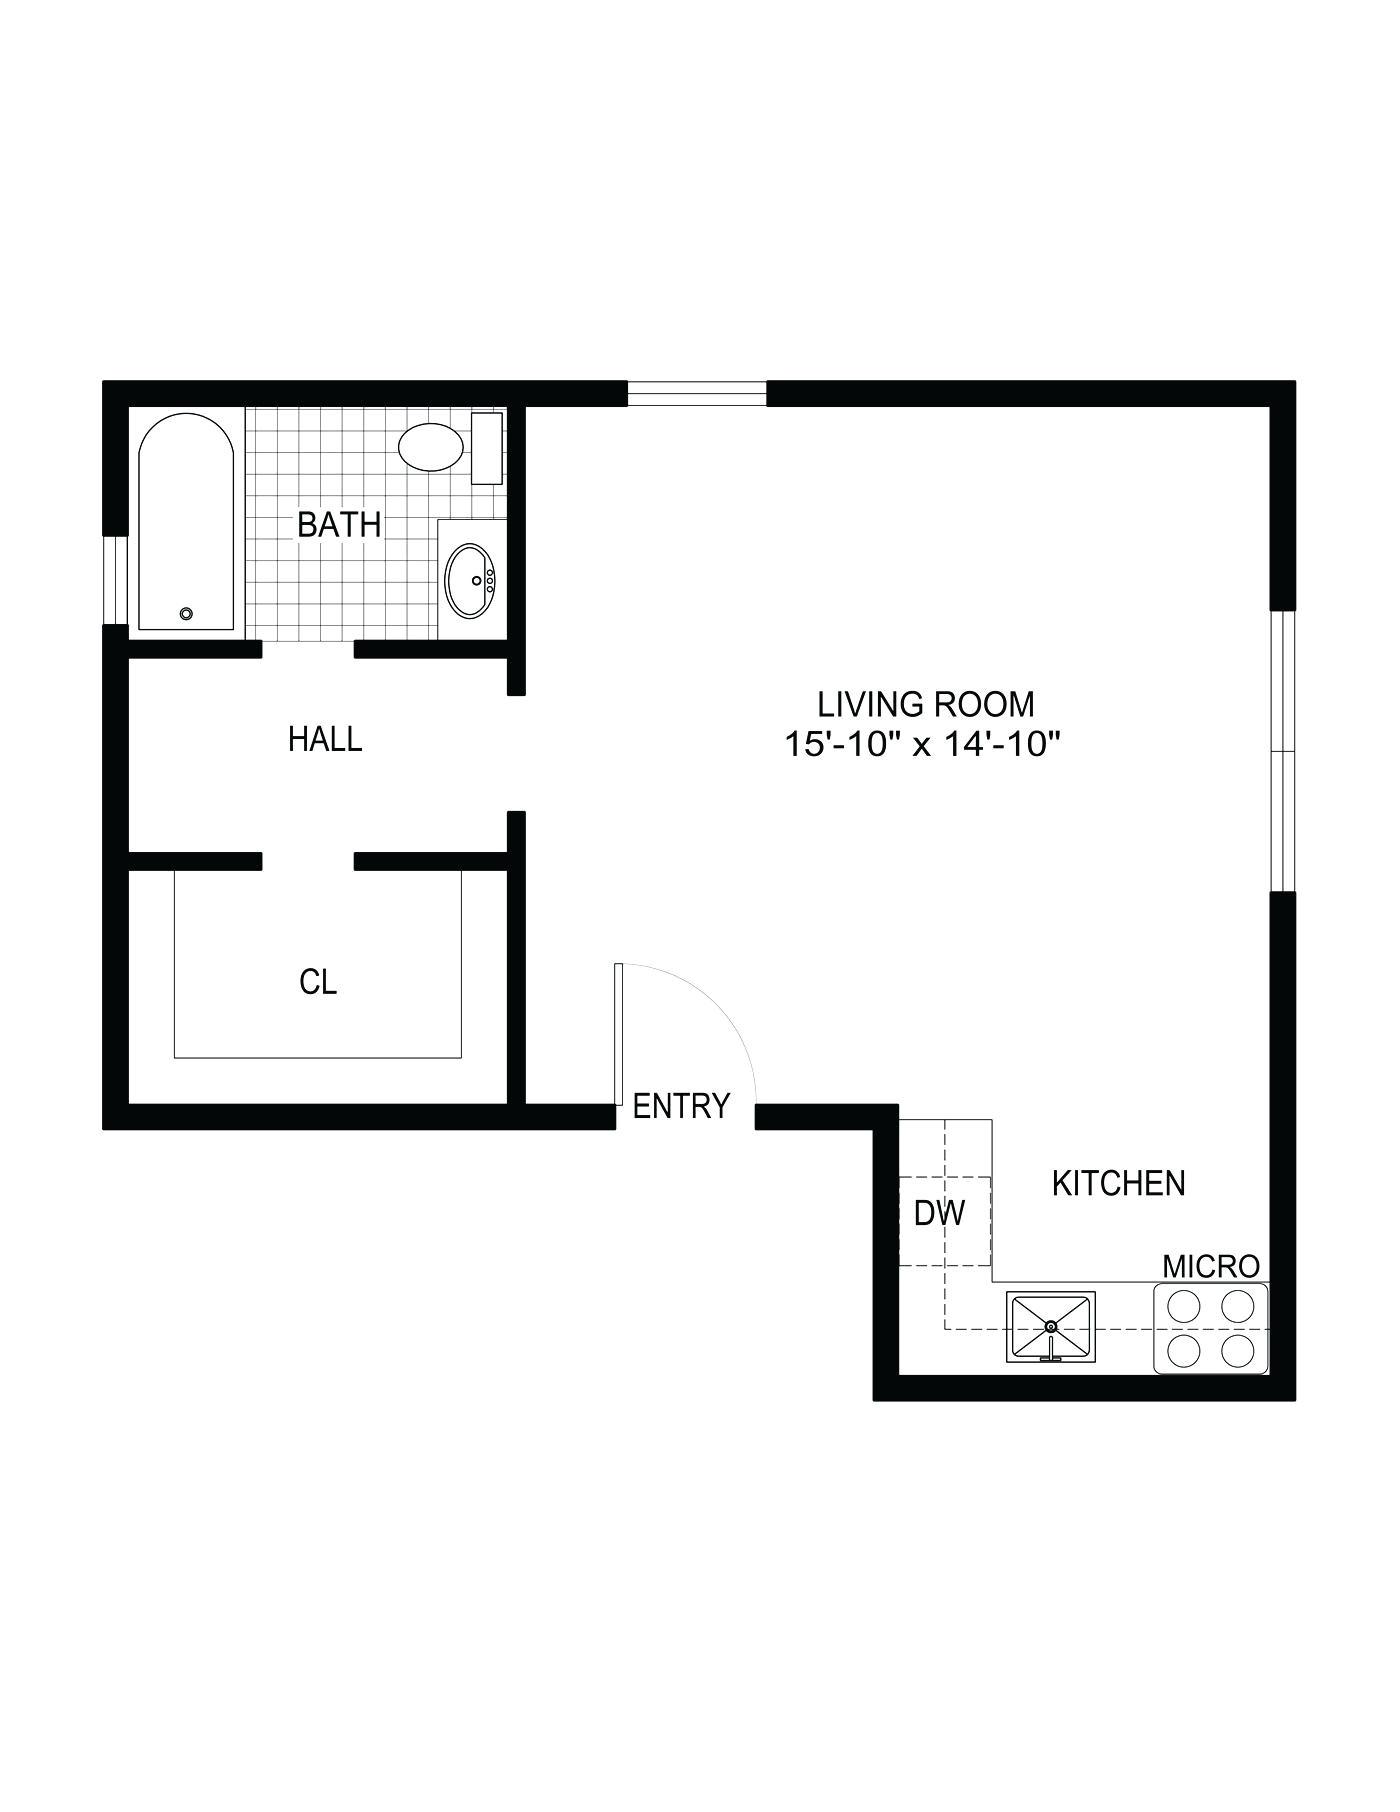 visio kitchen template